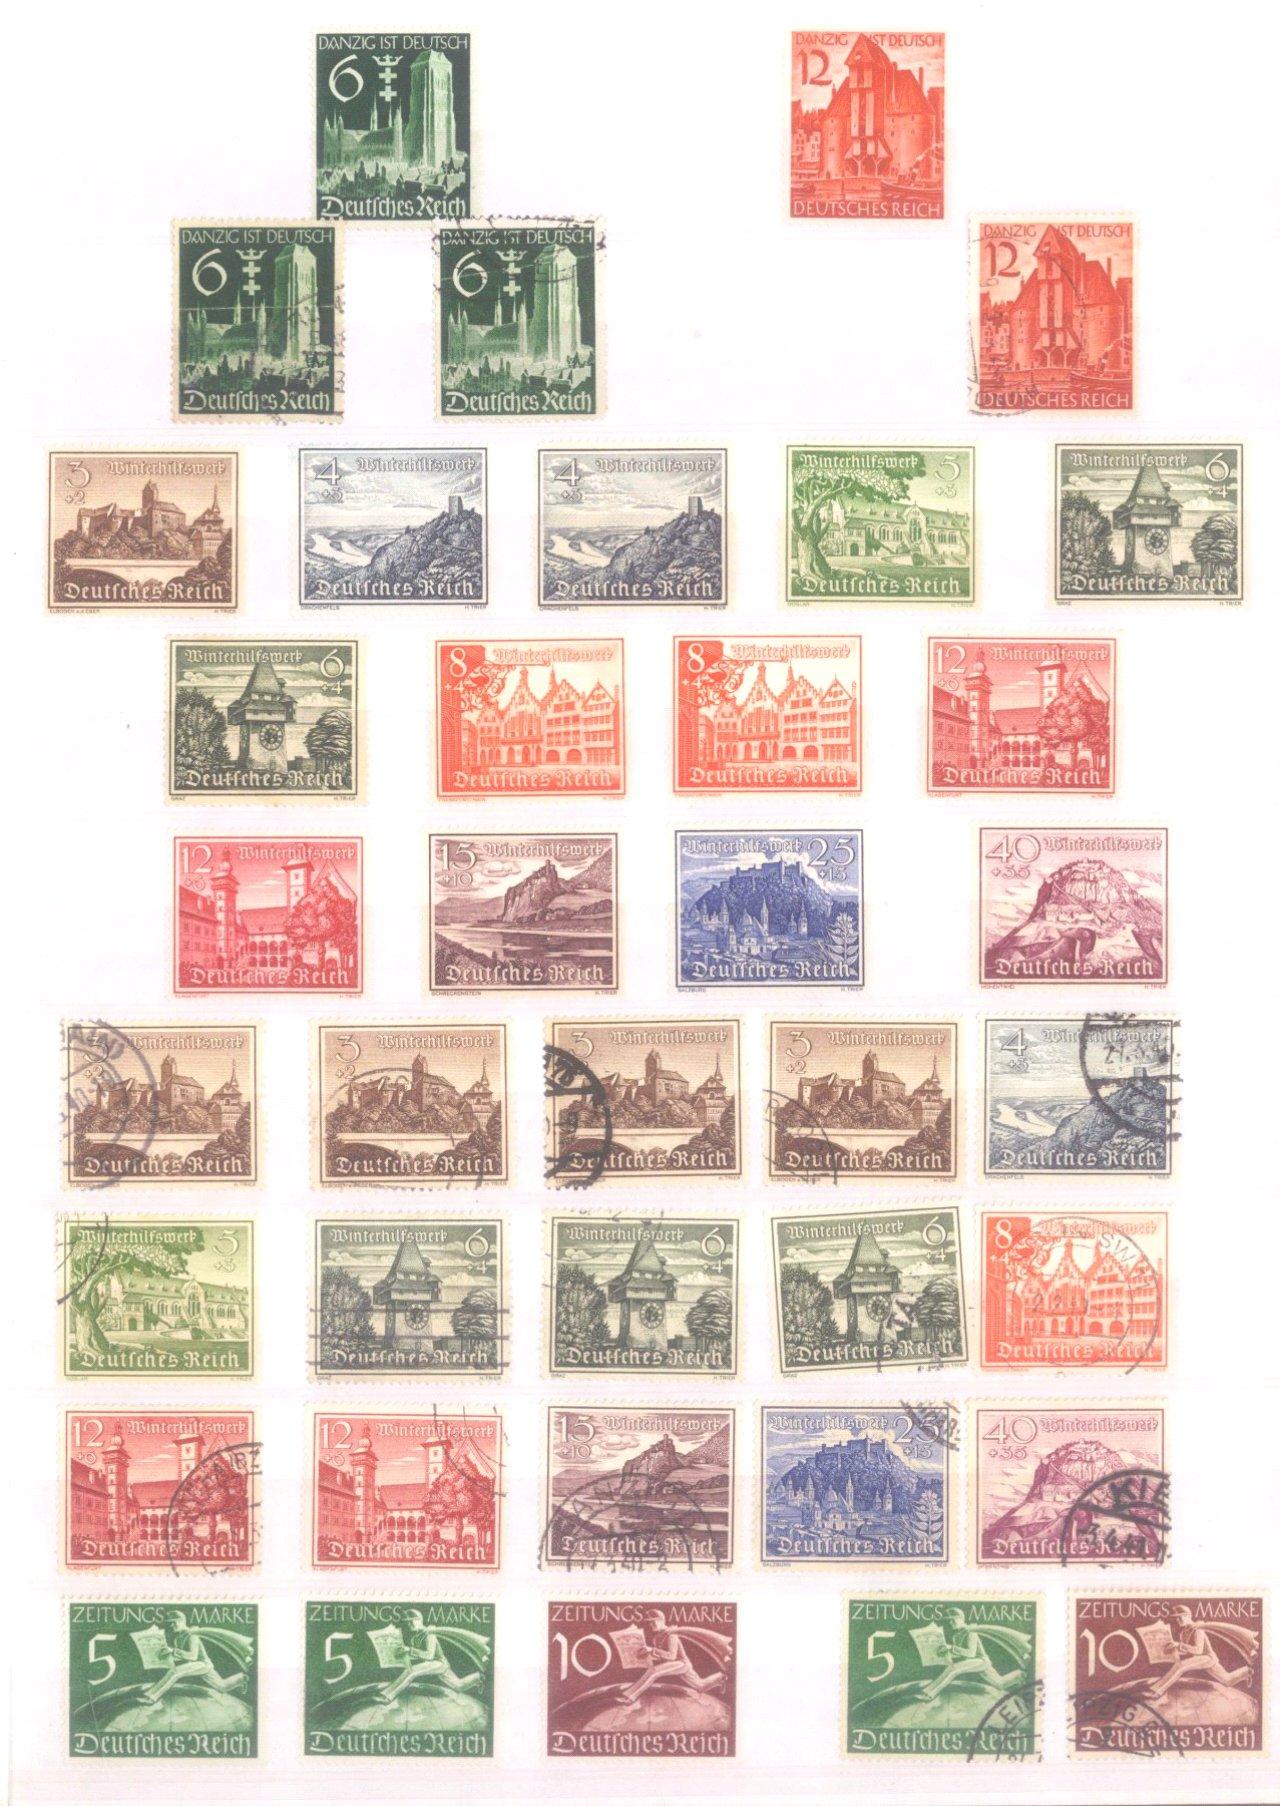 Sammlung Deutsches Reich in 2 Alben, 1933-1945-16